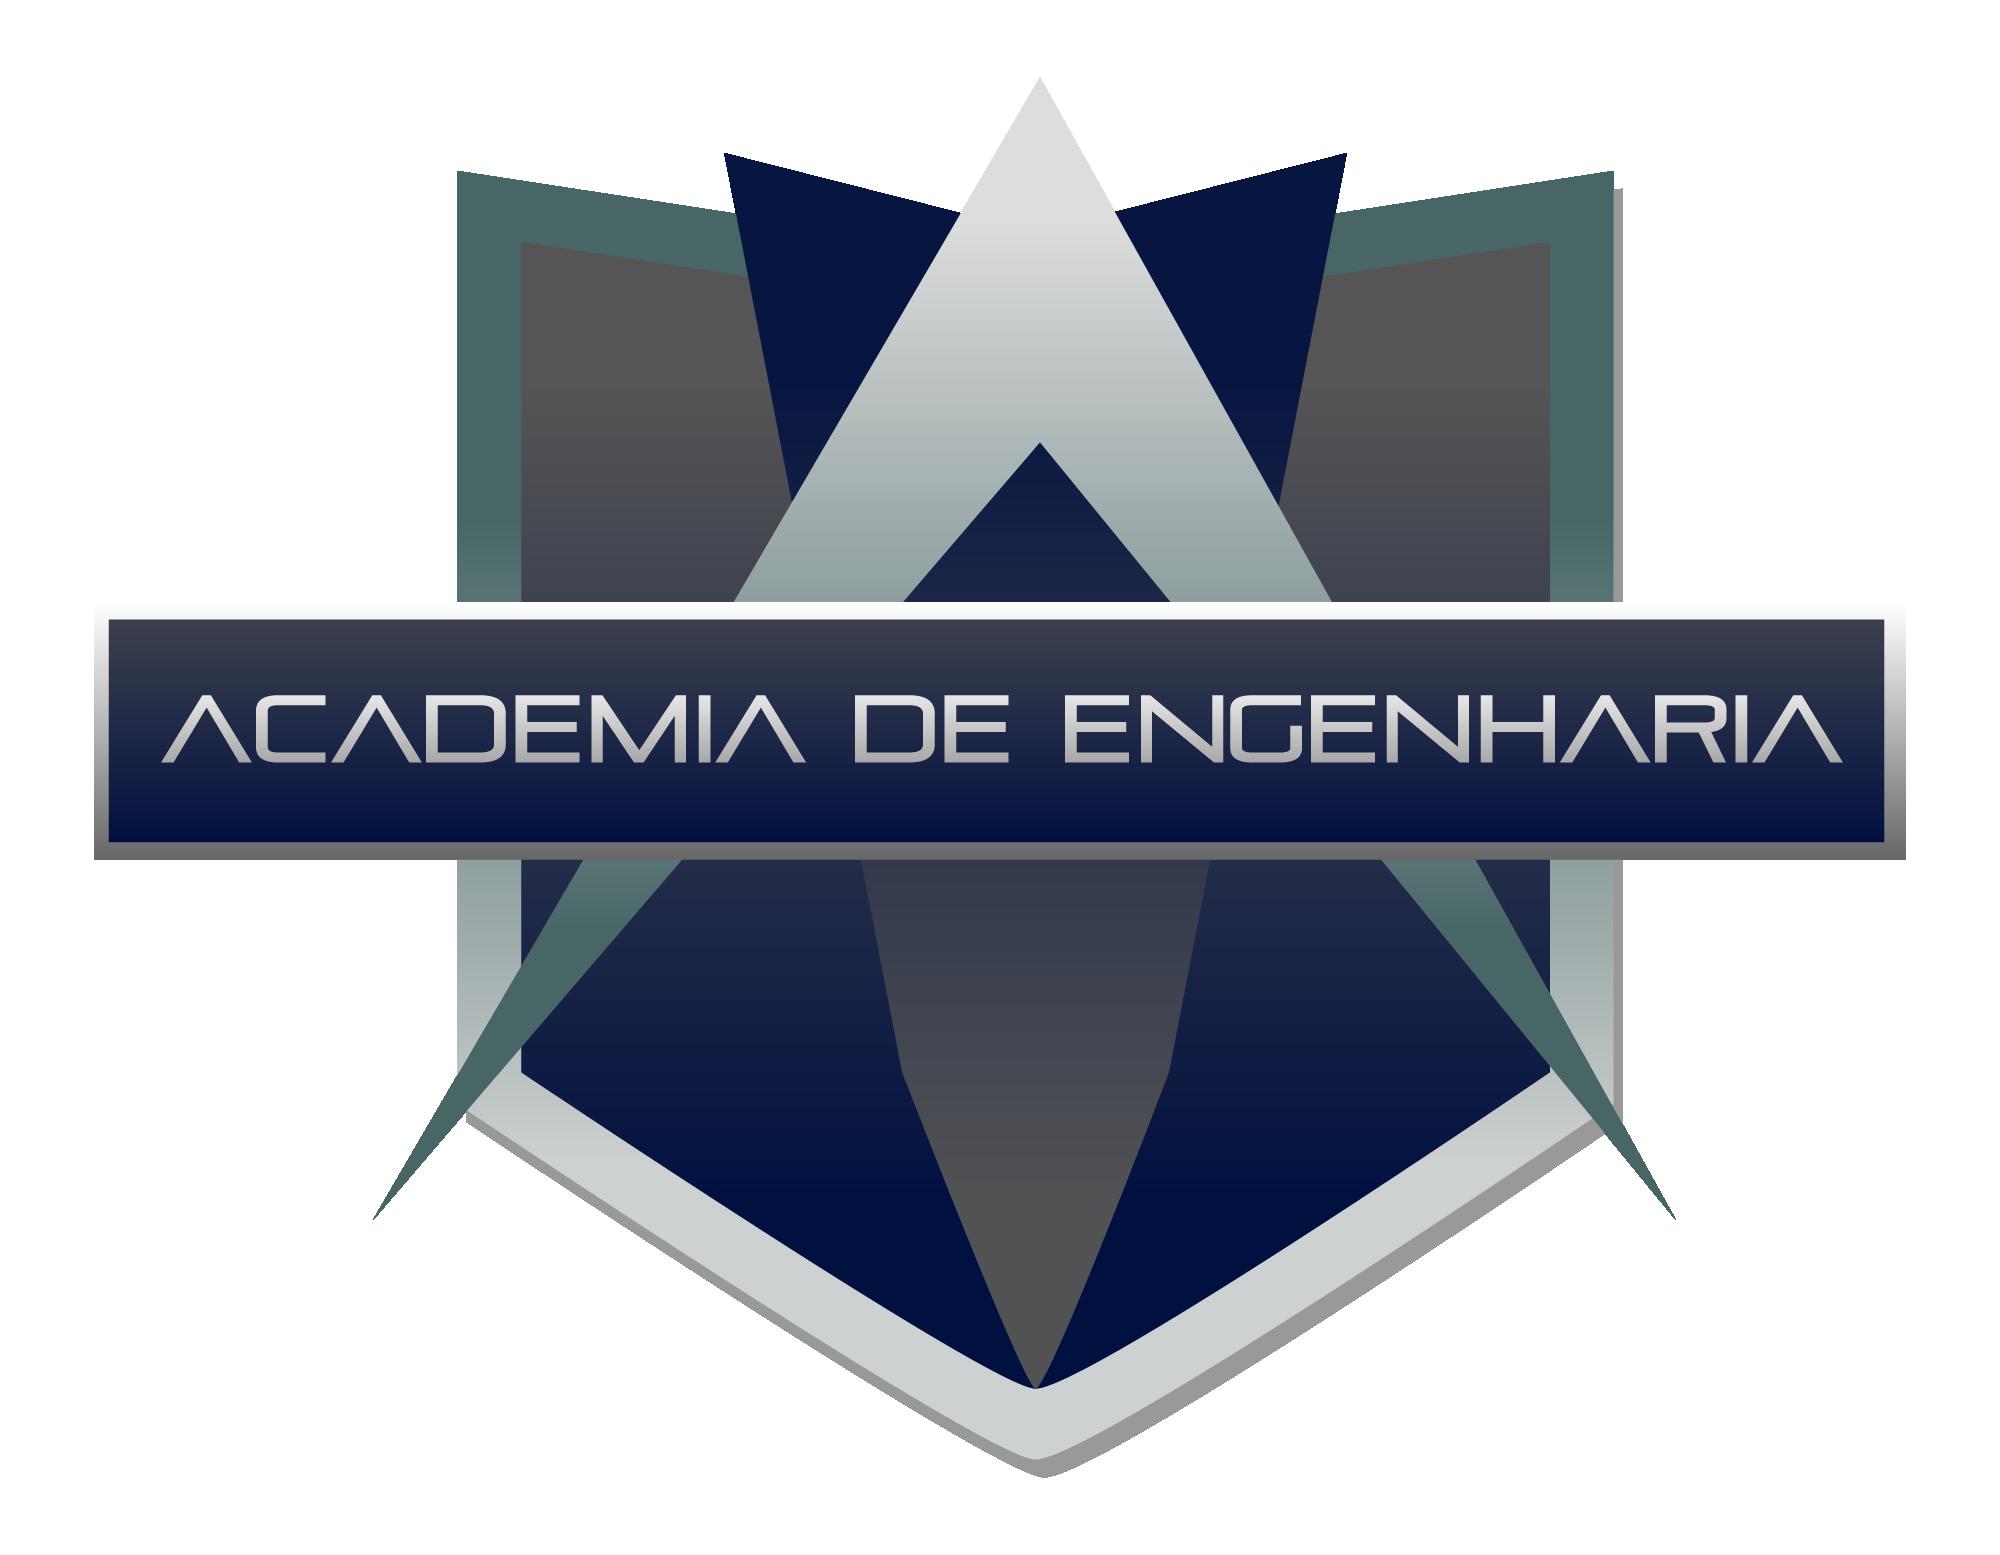 Academia de Engenharia